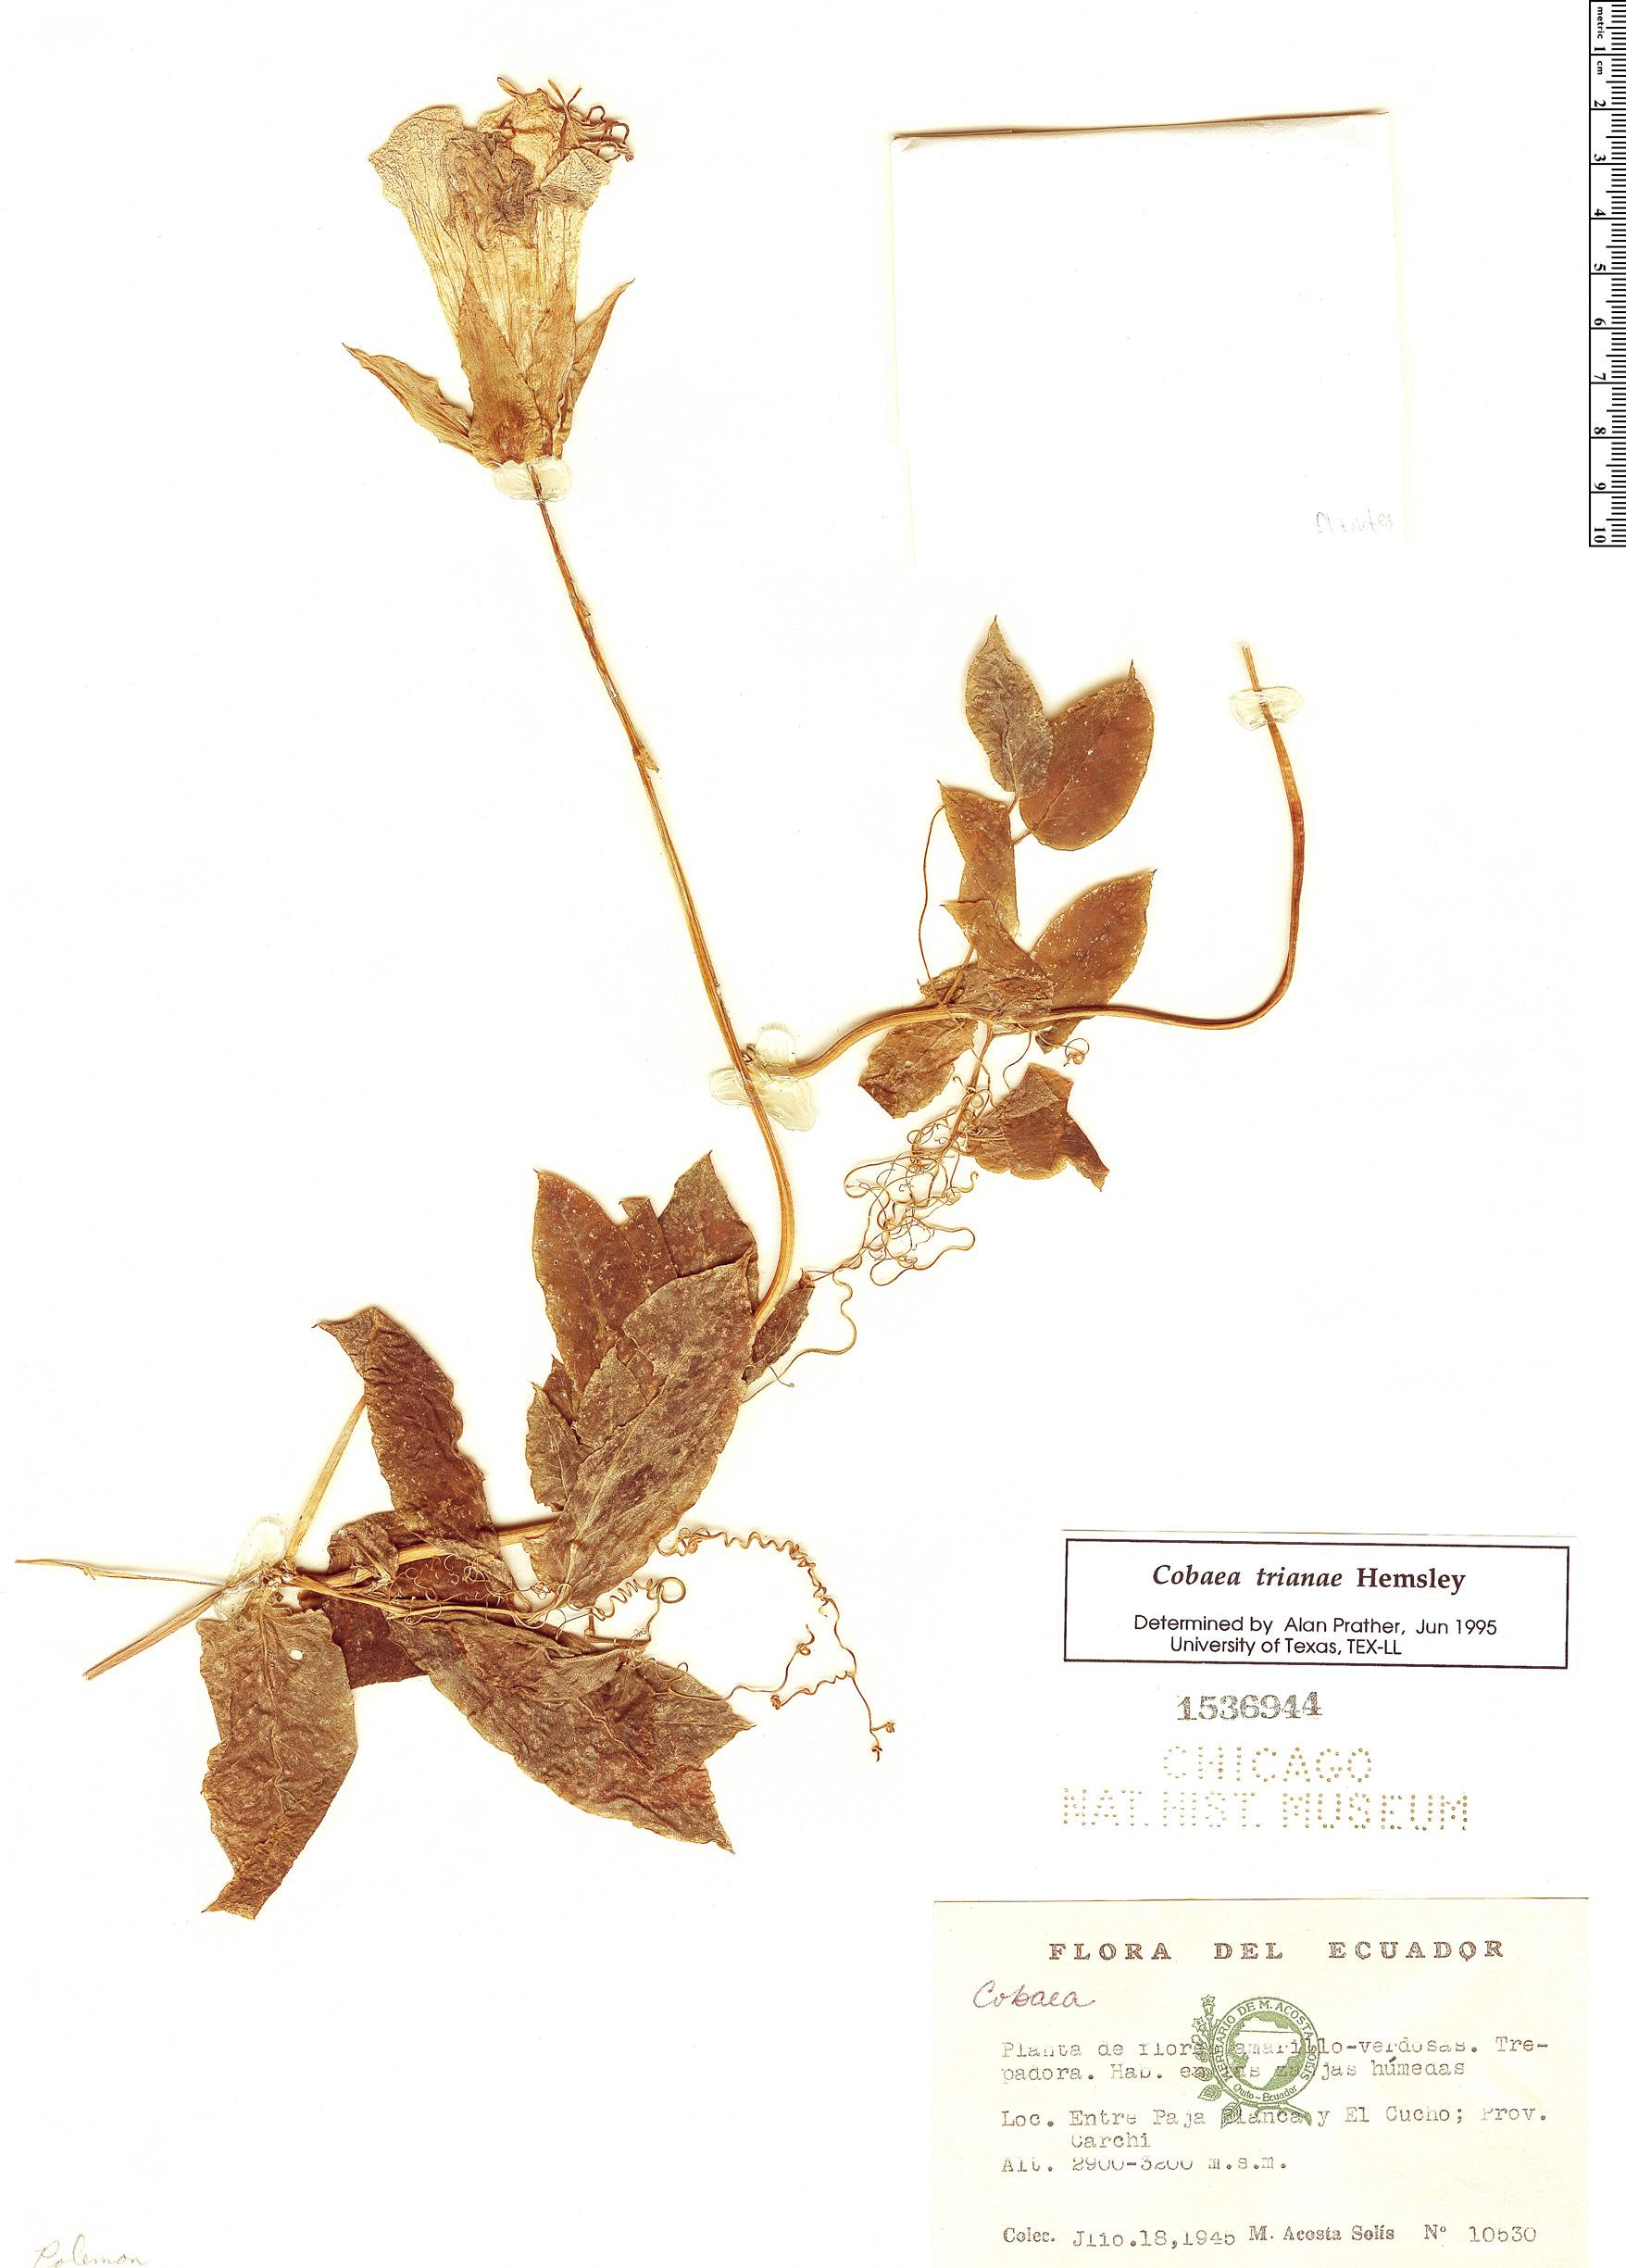 Specimen: Cobaea trianae